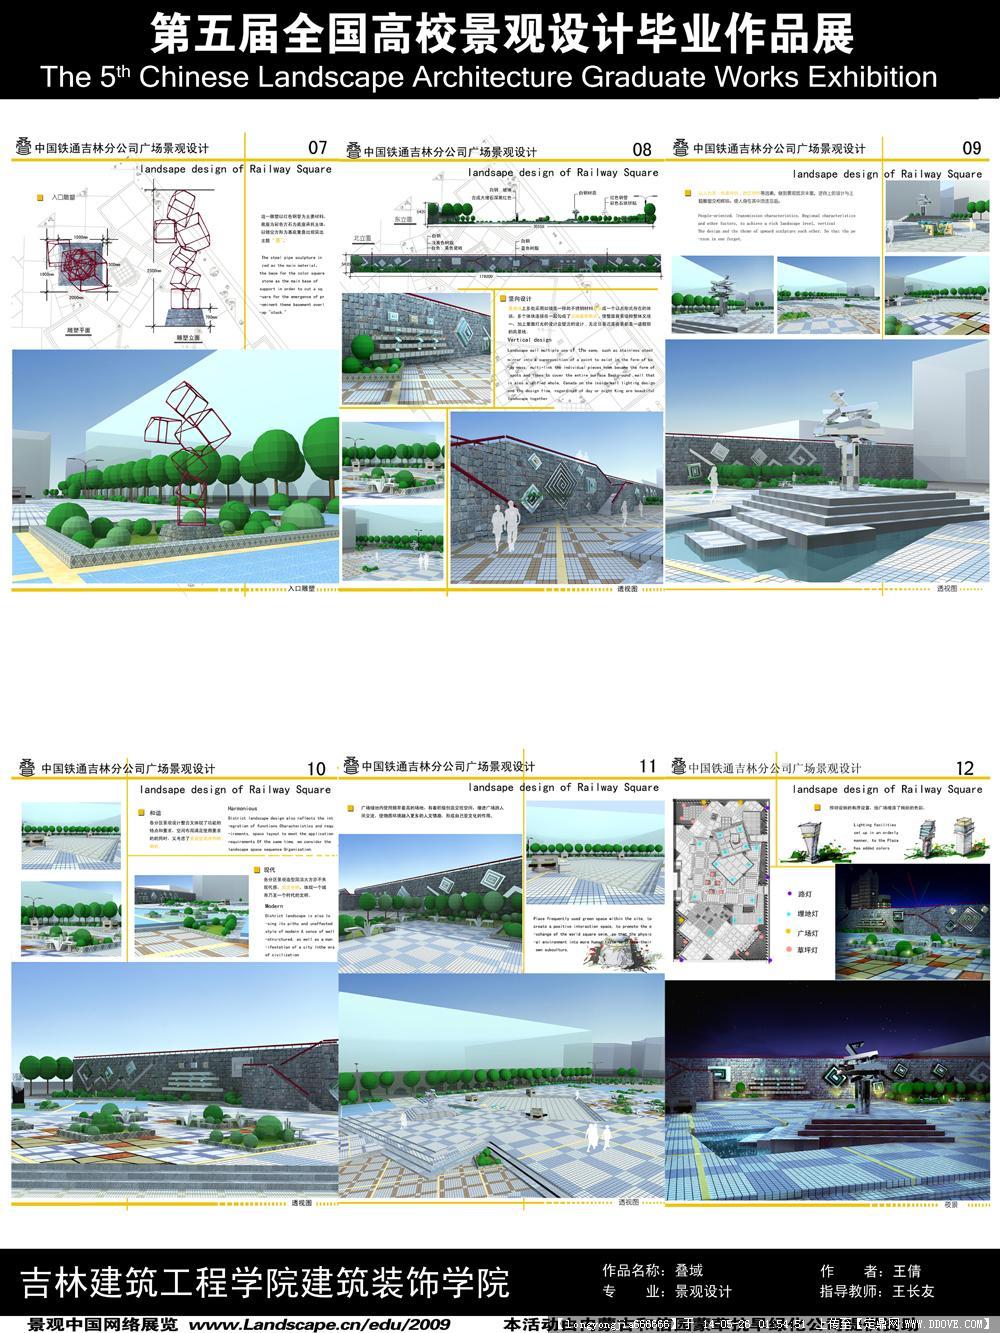 毕业展板 03的图片浏览,景观